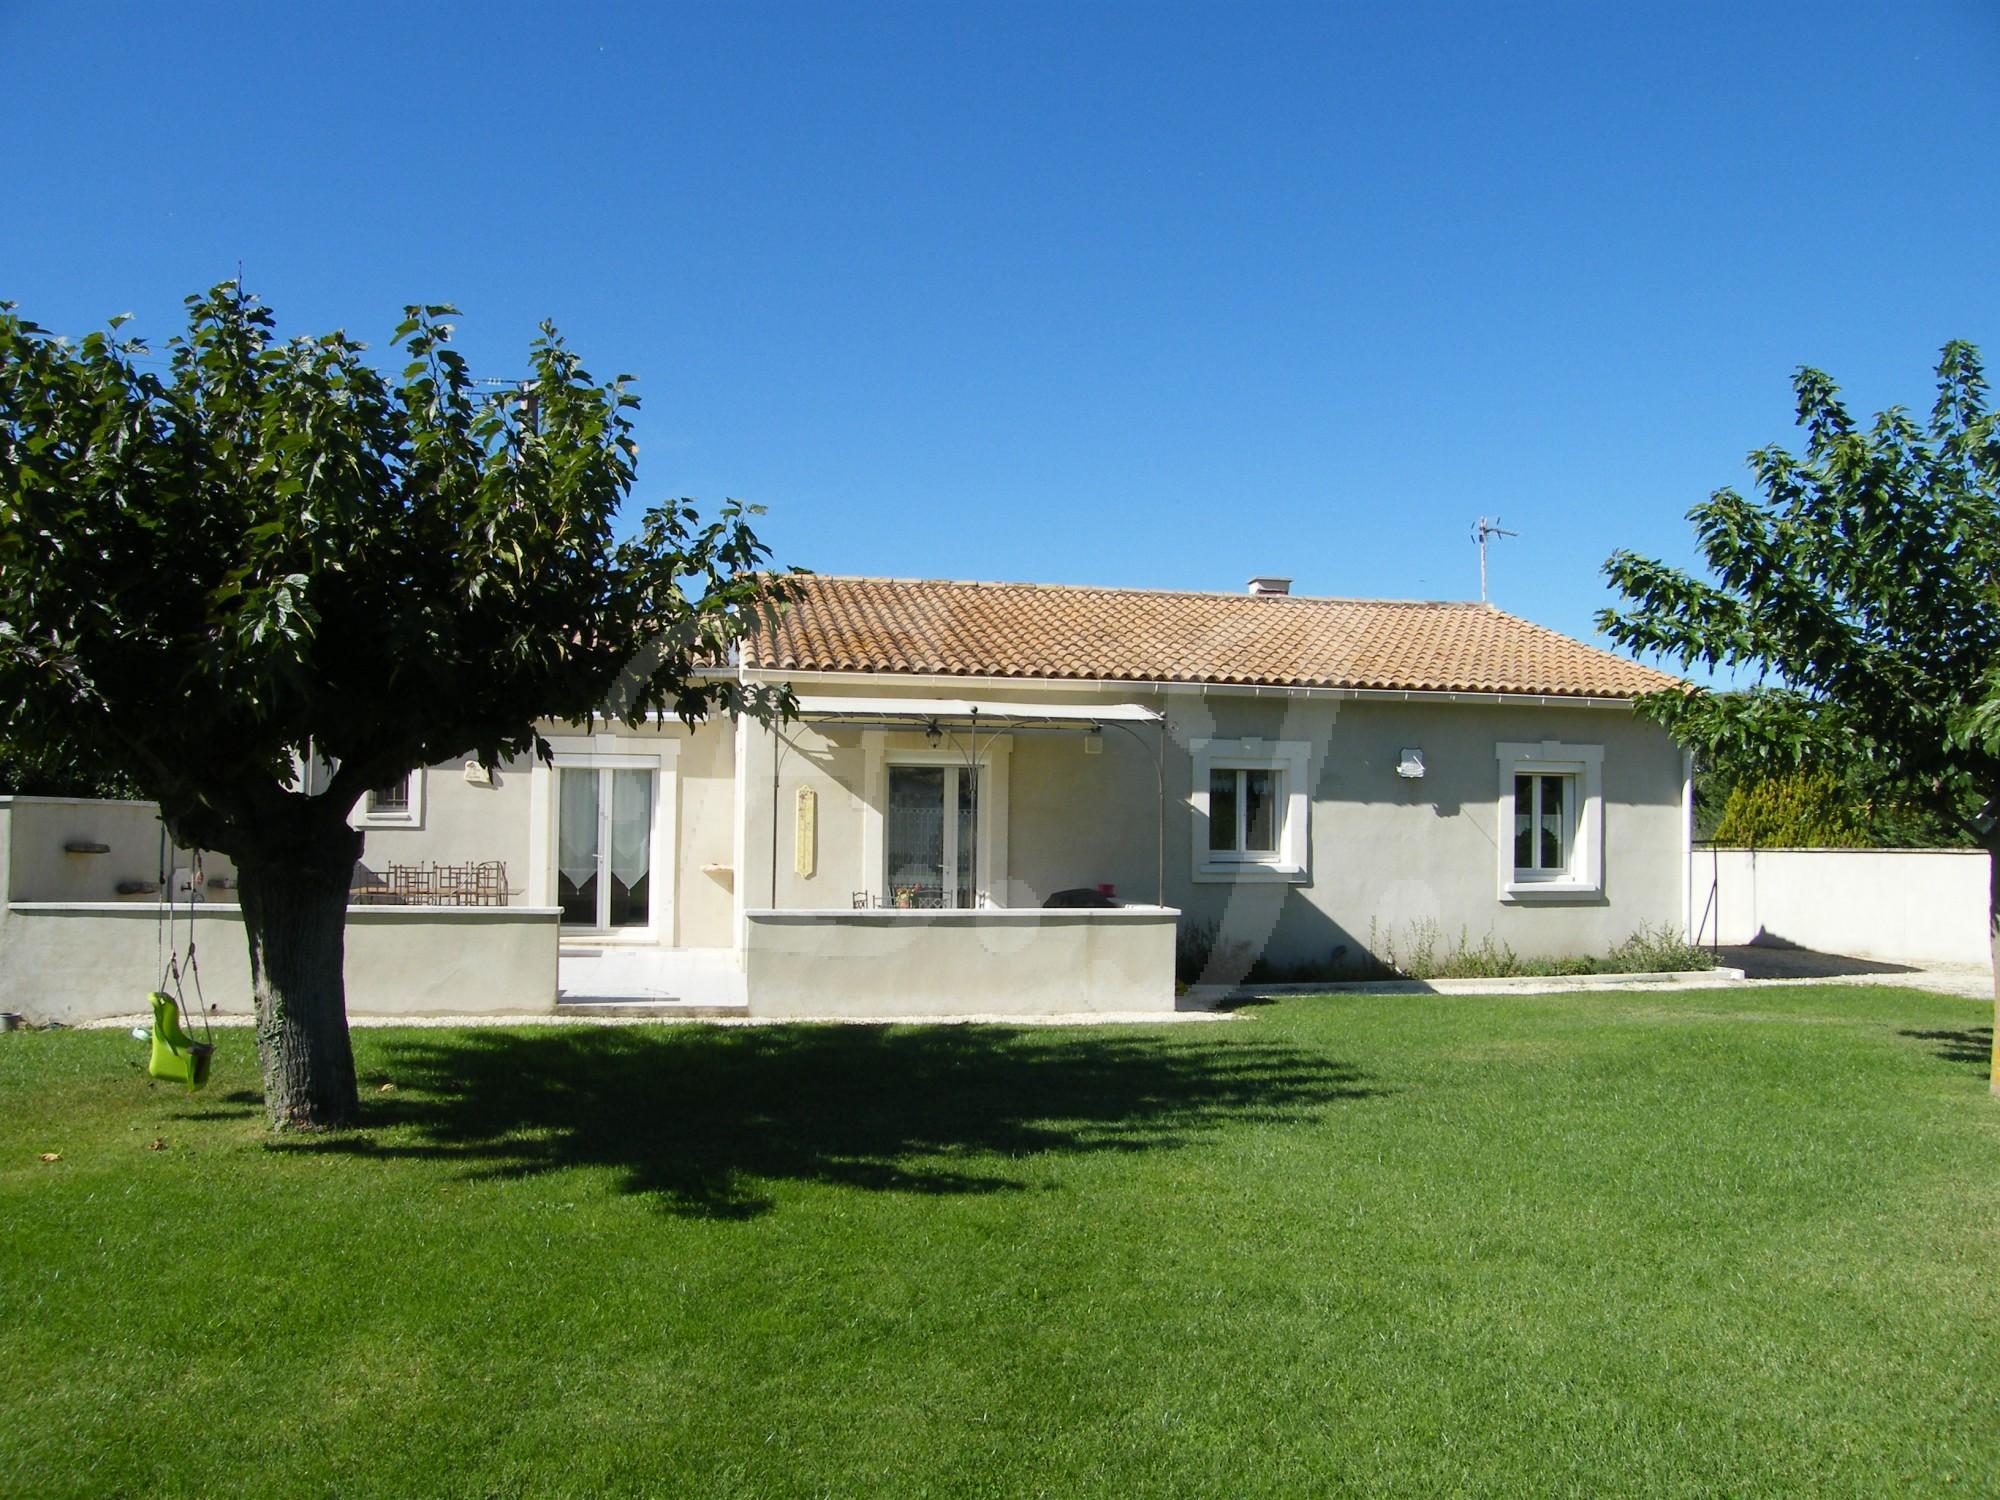 Maison a vendre a maubec vaucluse avec 3 chambres et terrain par l ...